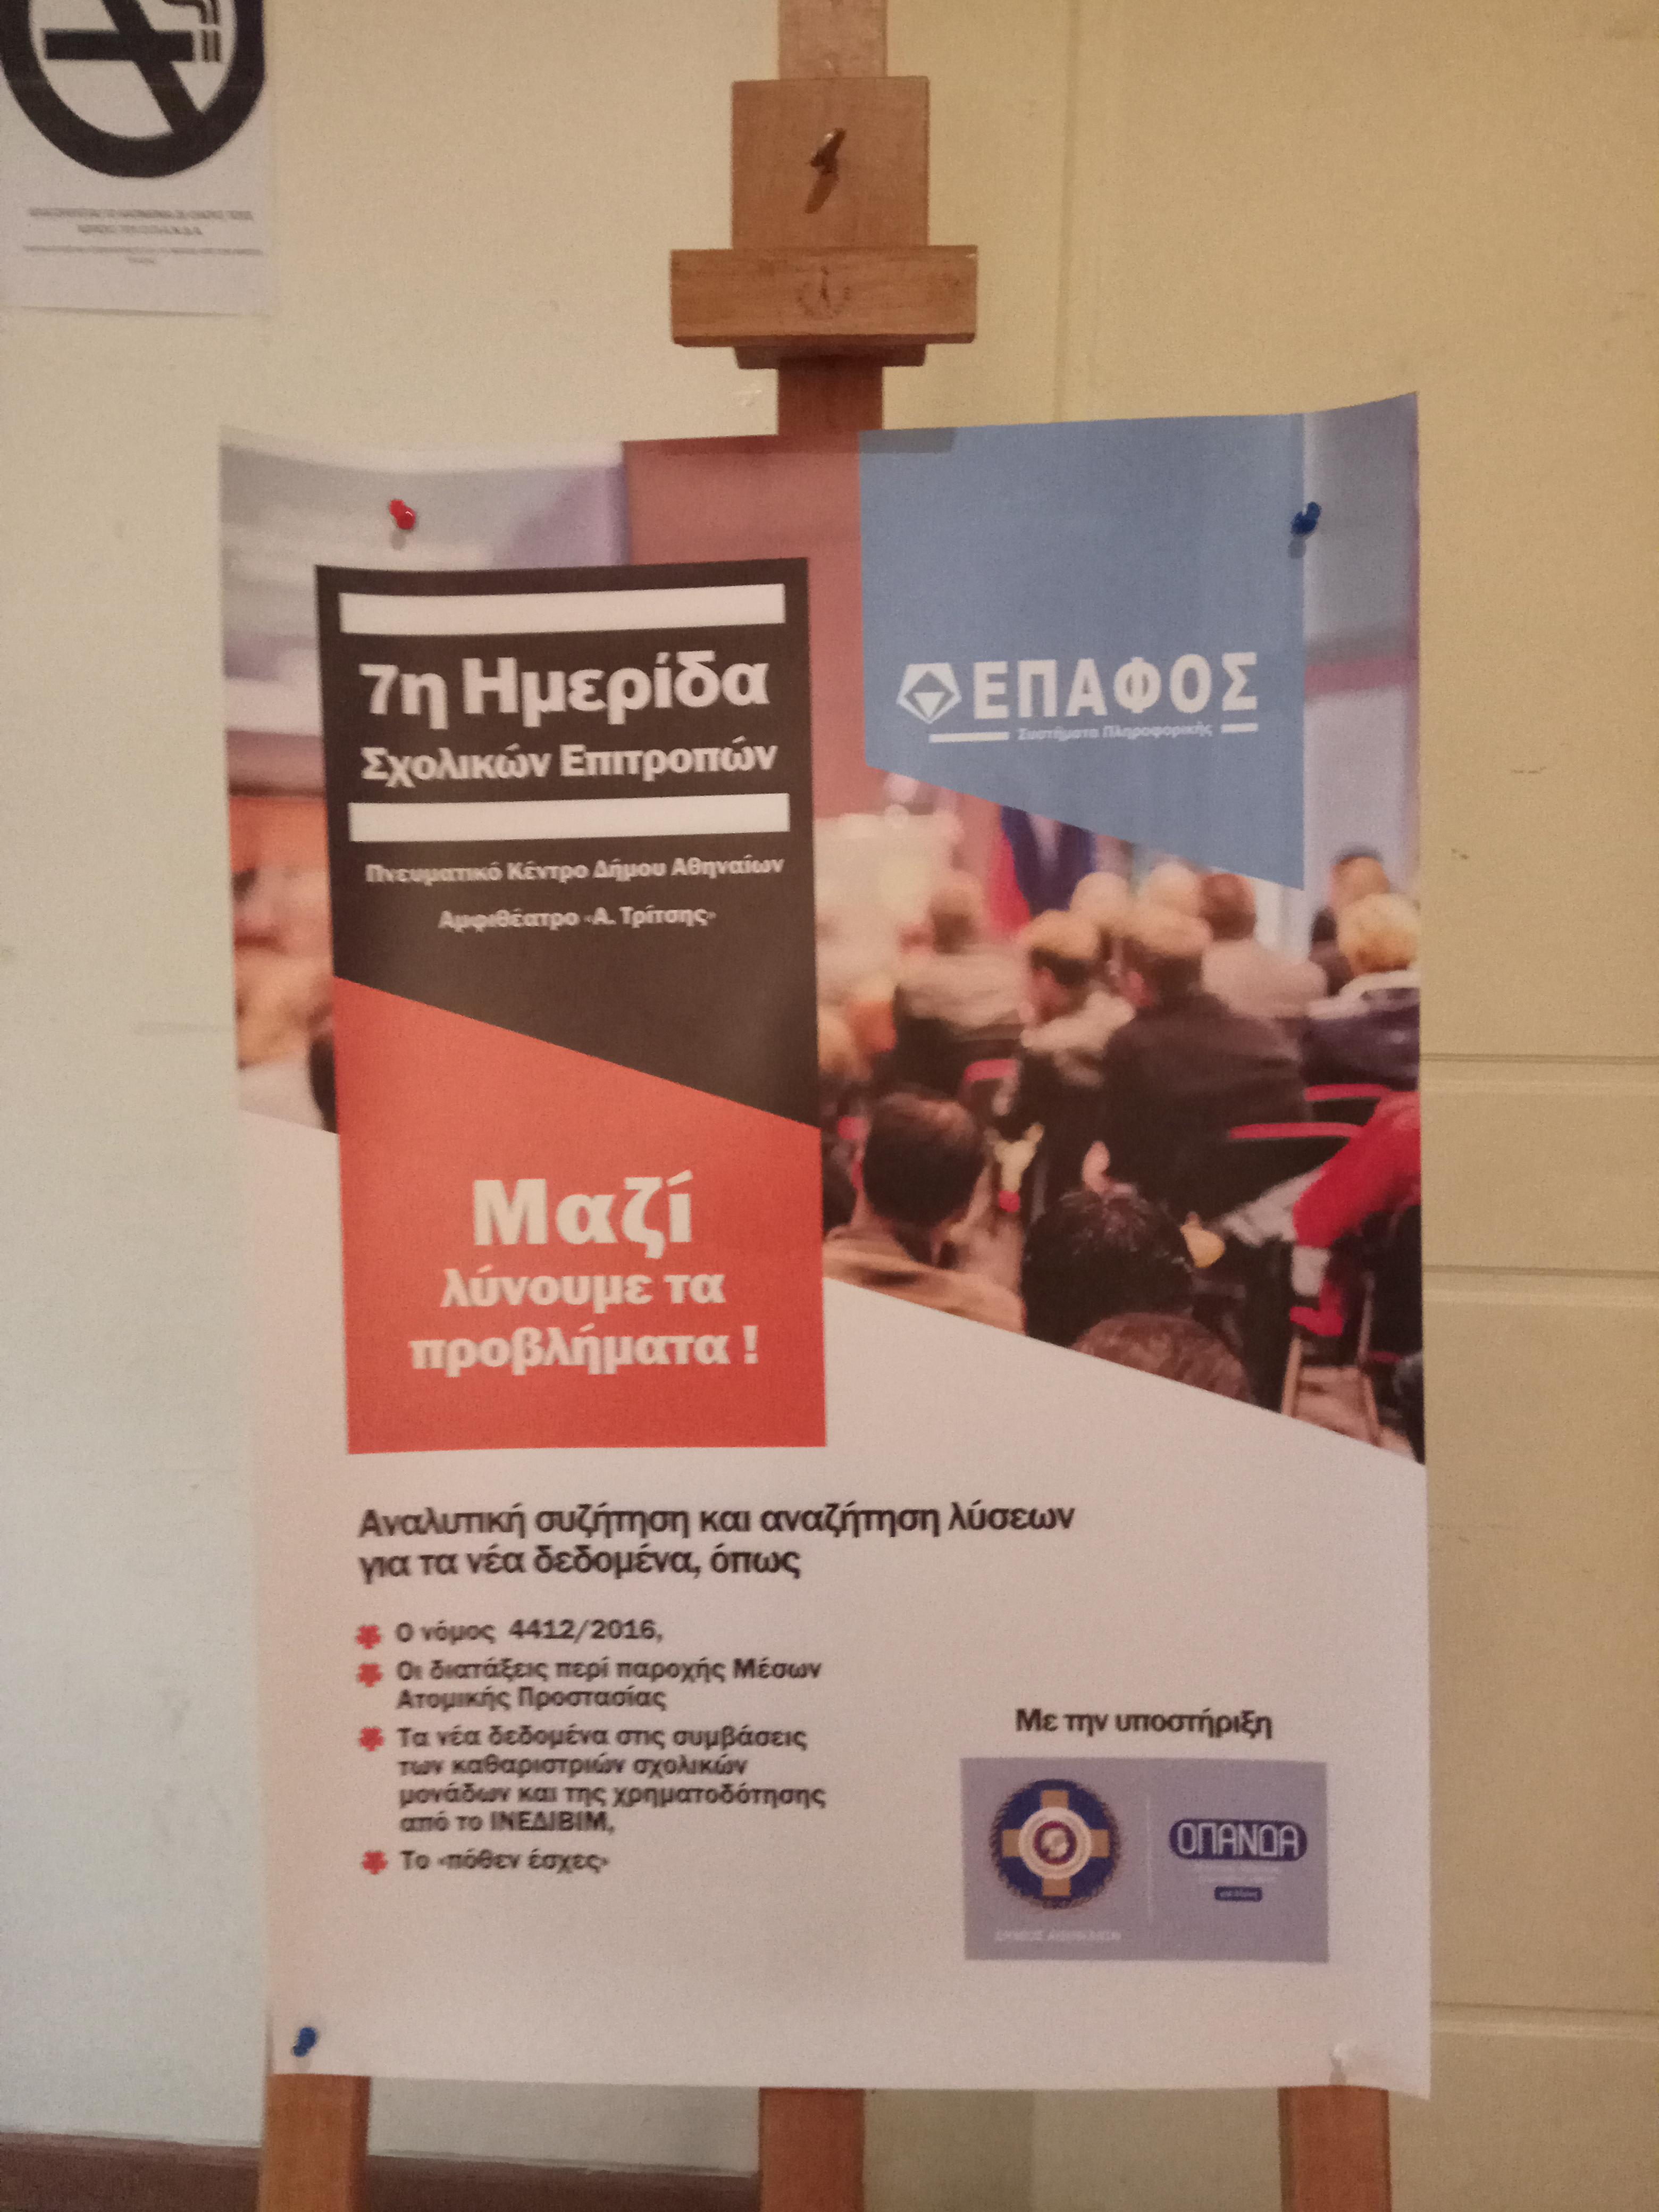 Αφίσα: 7η Ημερίδα Σχολικών Επιτροπών - Μαζί λύνουμε τα προβλήματα